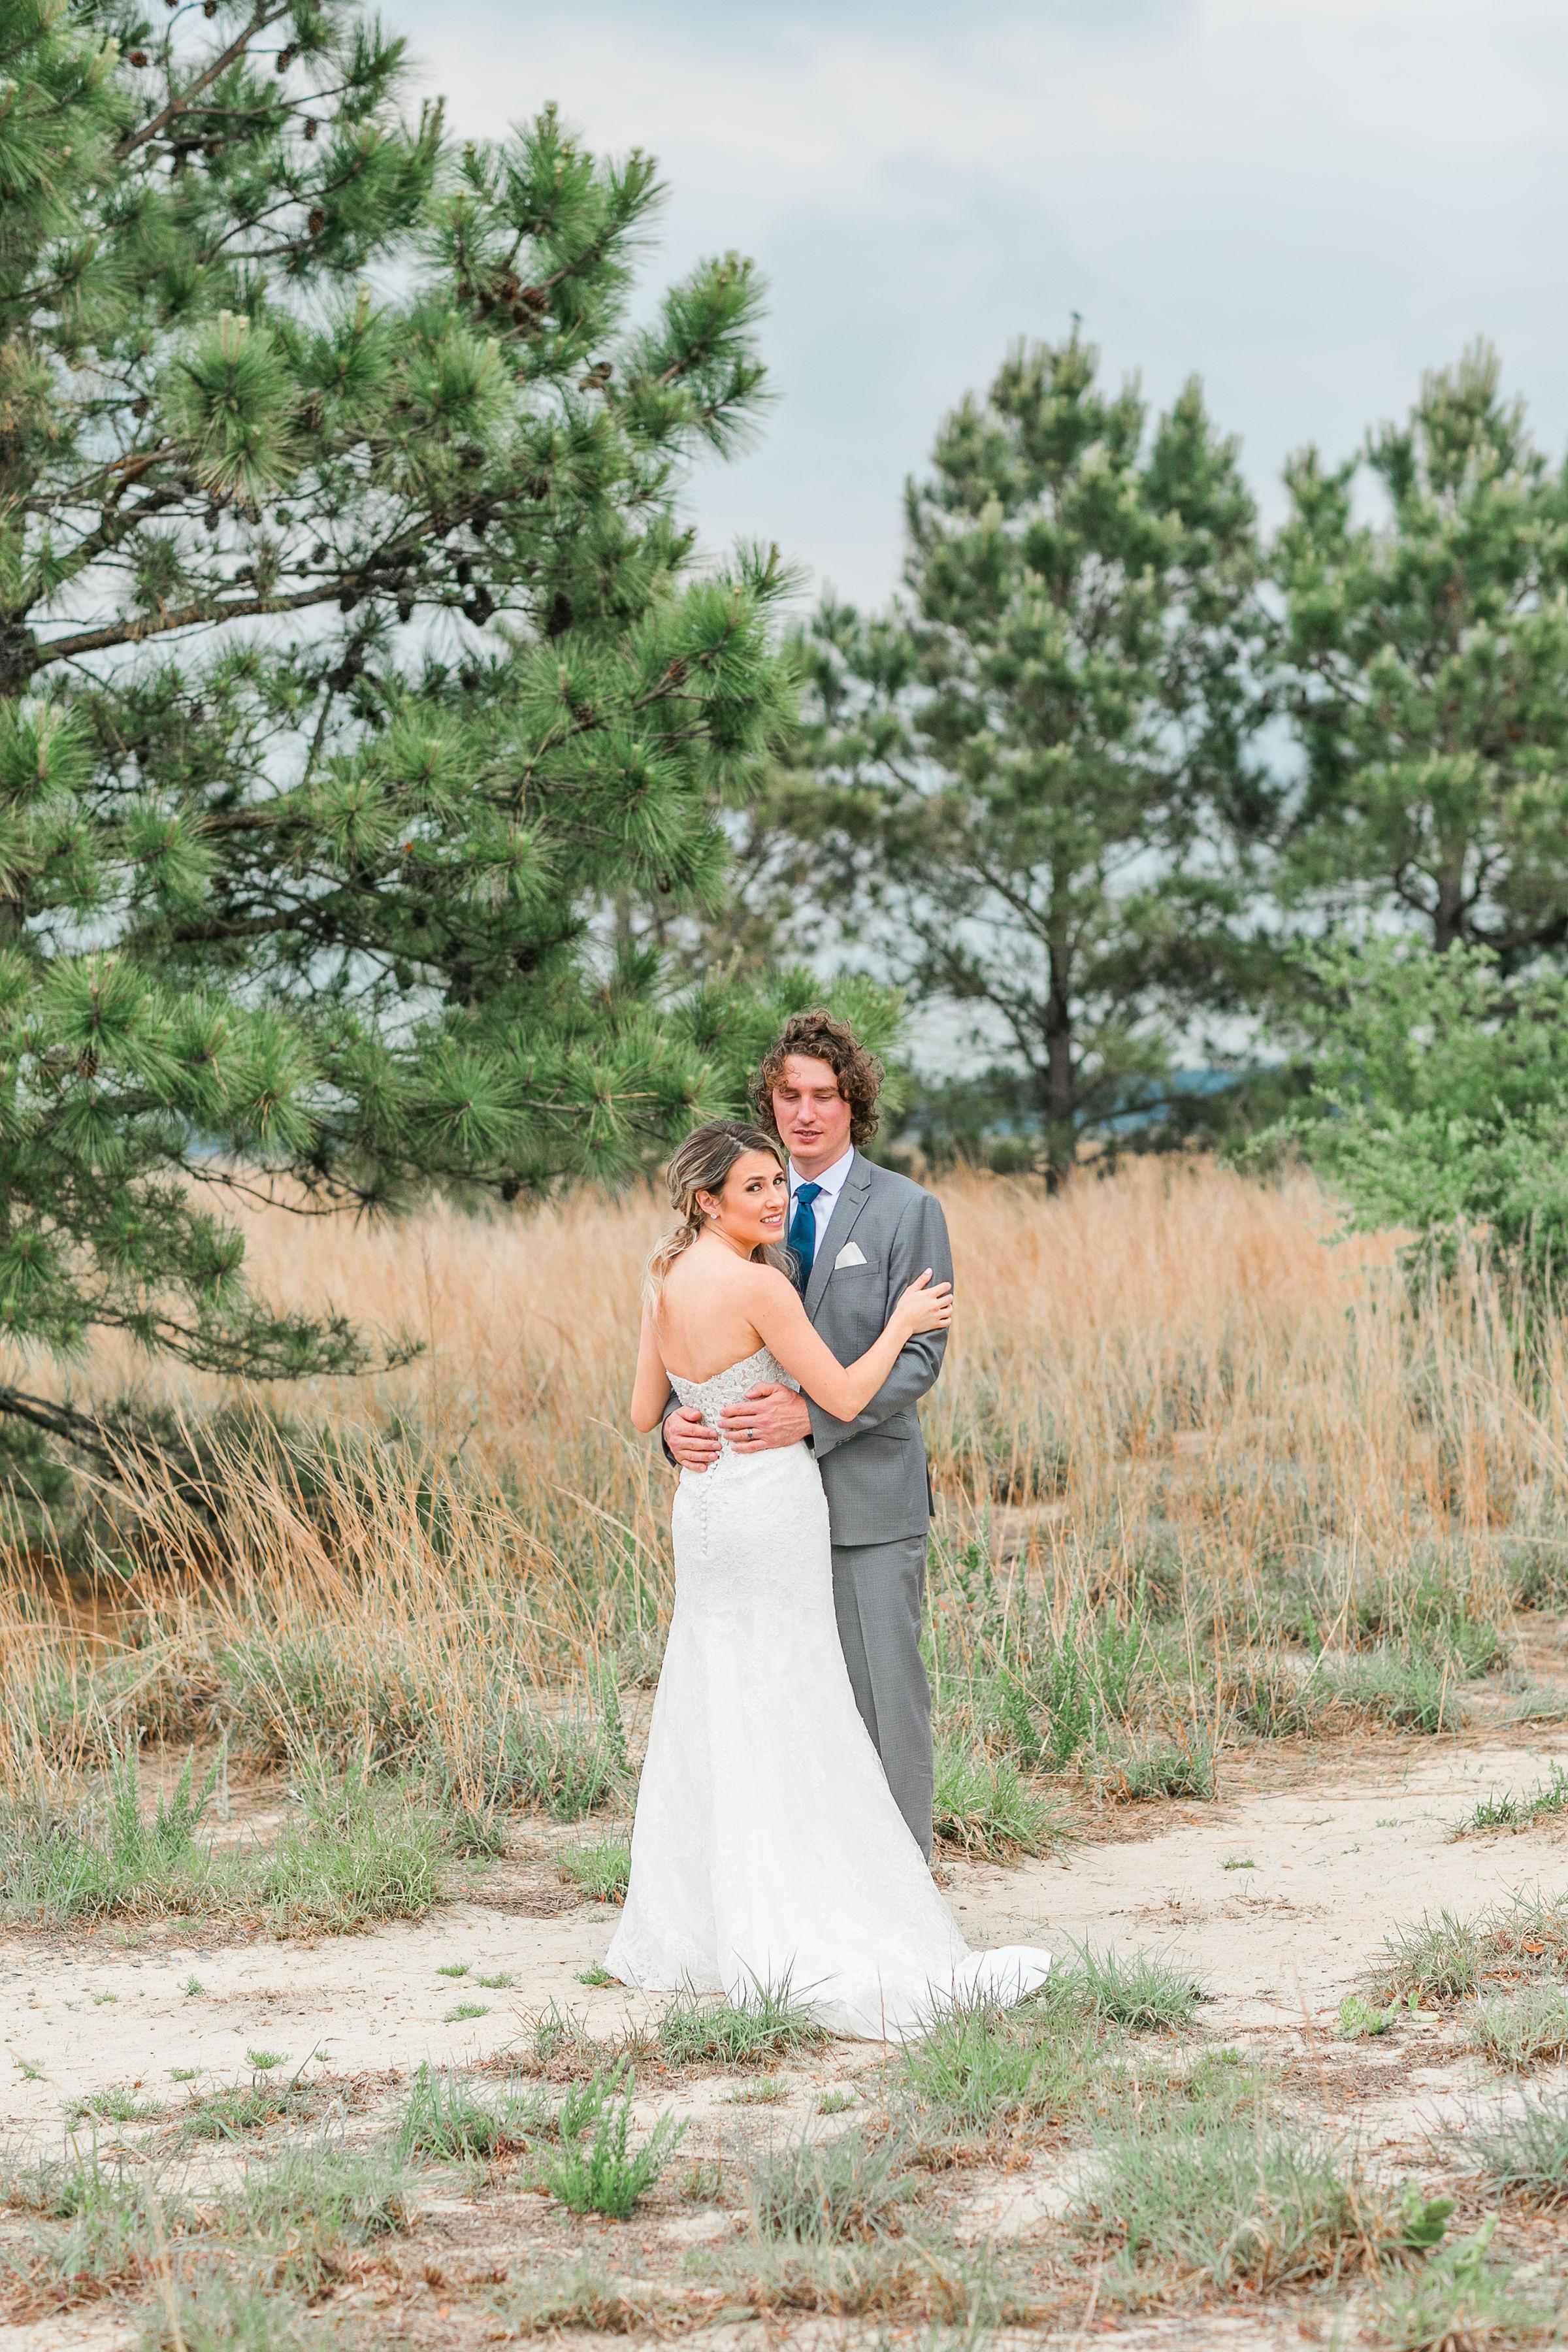 Nicole&Bryce_FirstLook-37.jpg